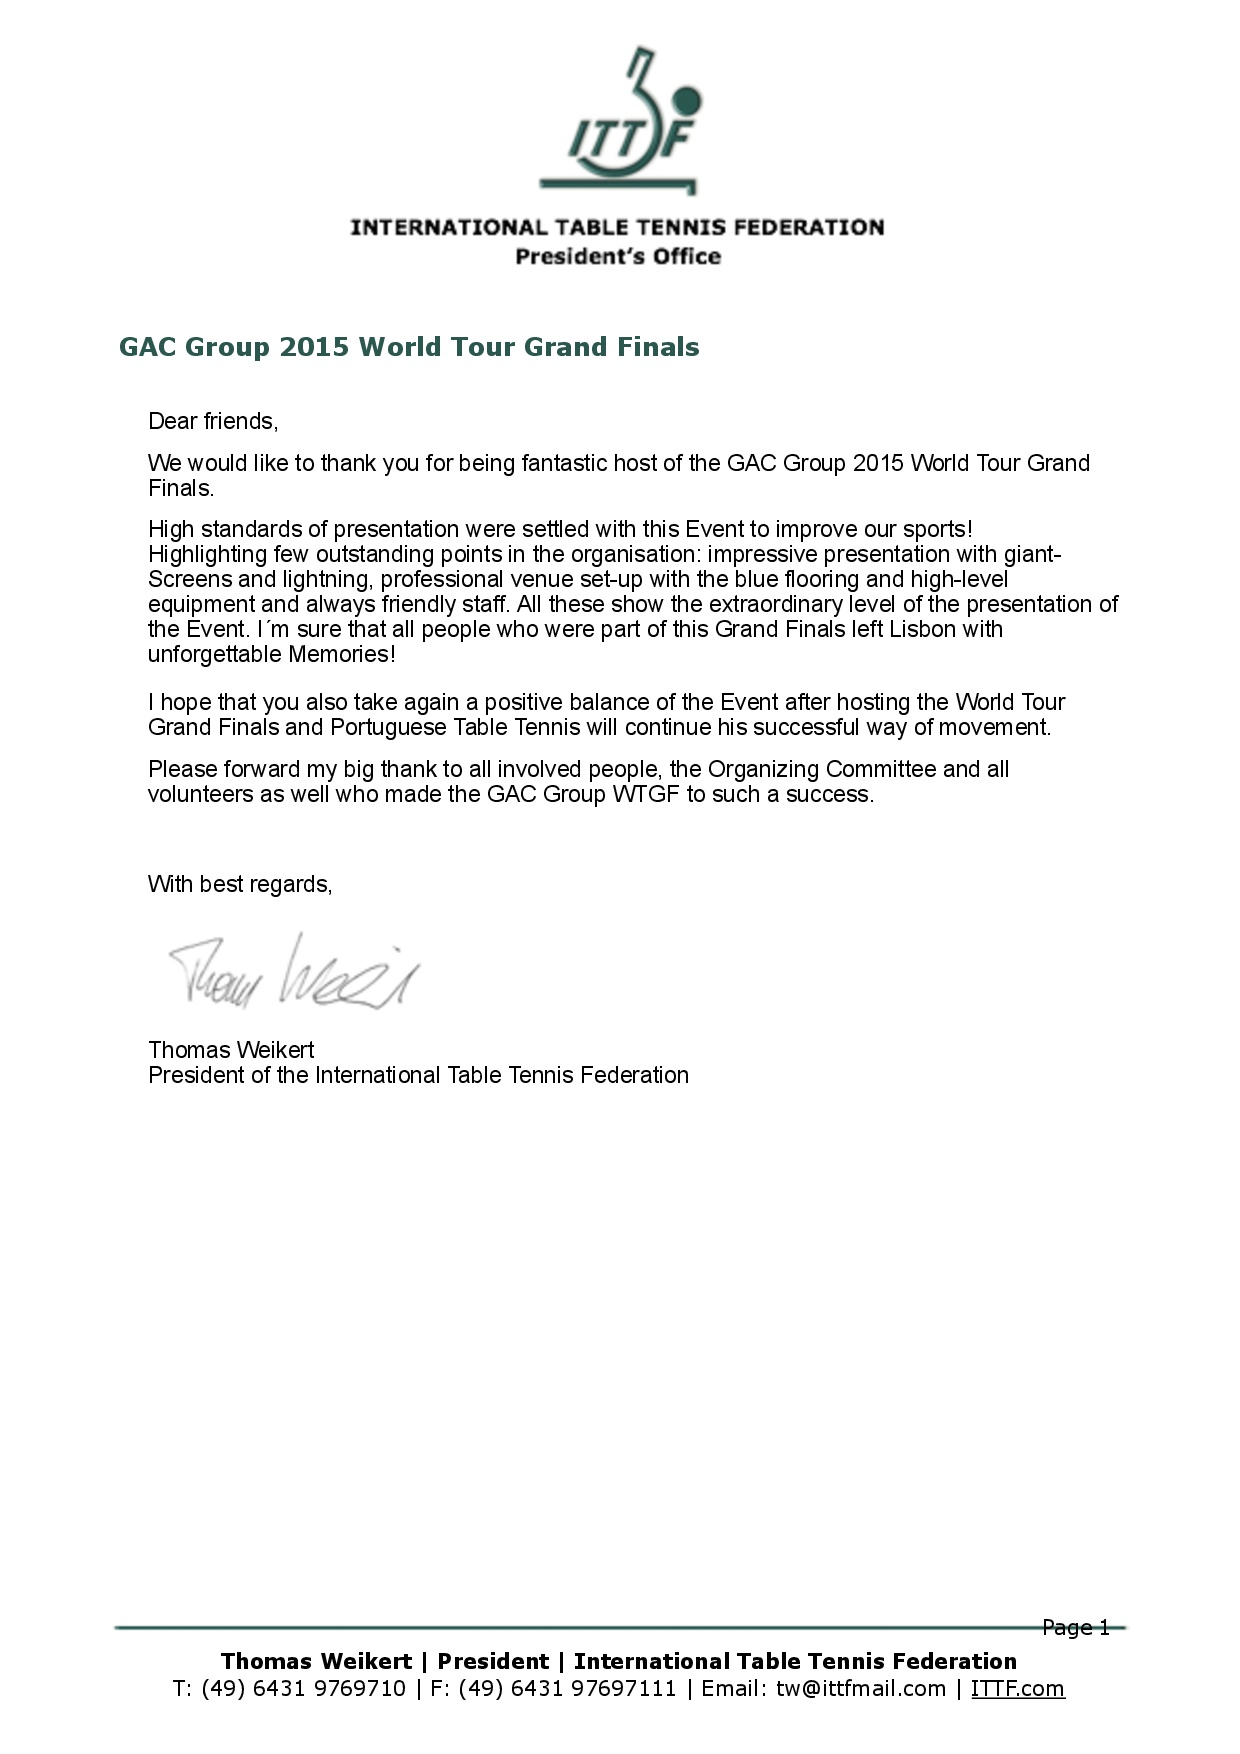 PRESIDENTE DA ITTF FELICITA ORGANIZAÇÃO DO 2015 GAC GROUP WORLD TOUR GRAND FINALS